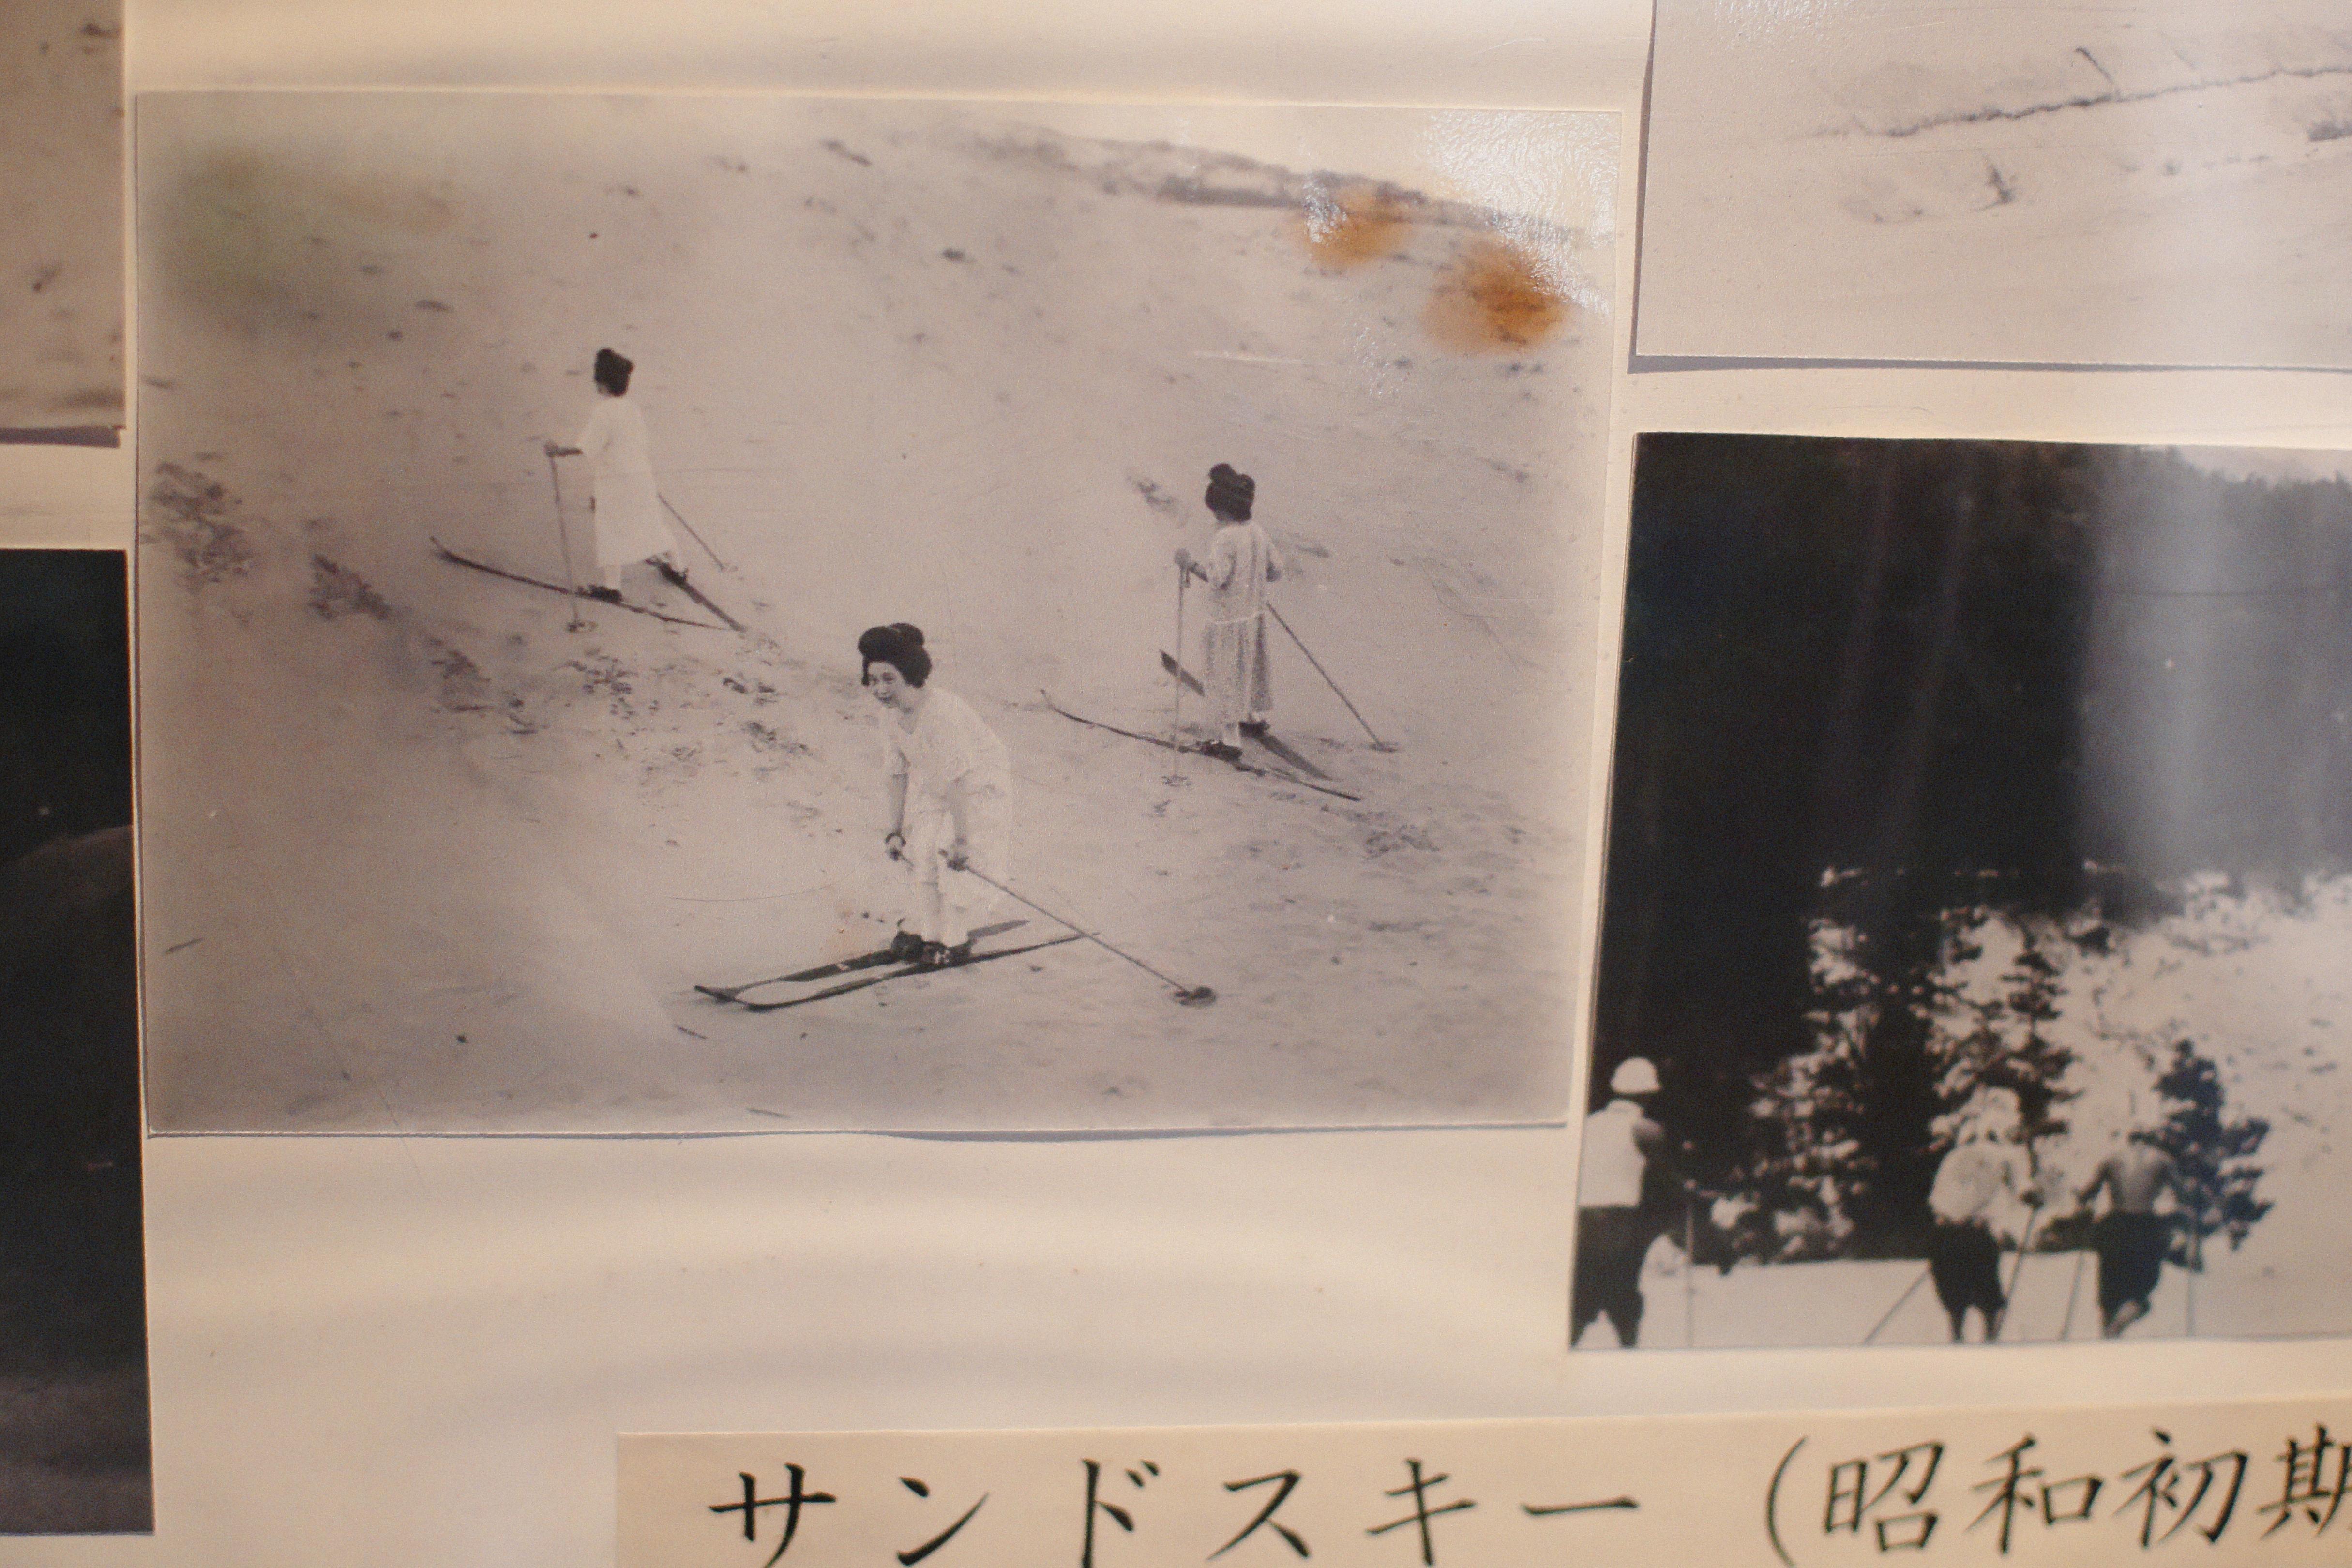 和髪でスキーを滑る女性